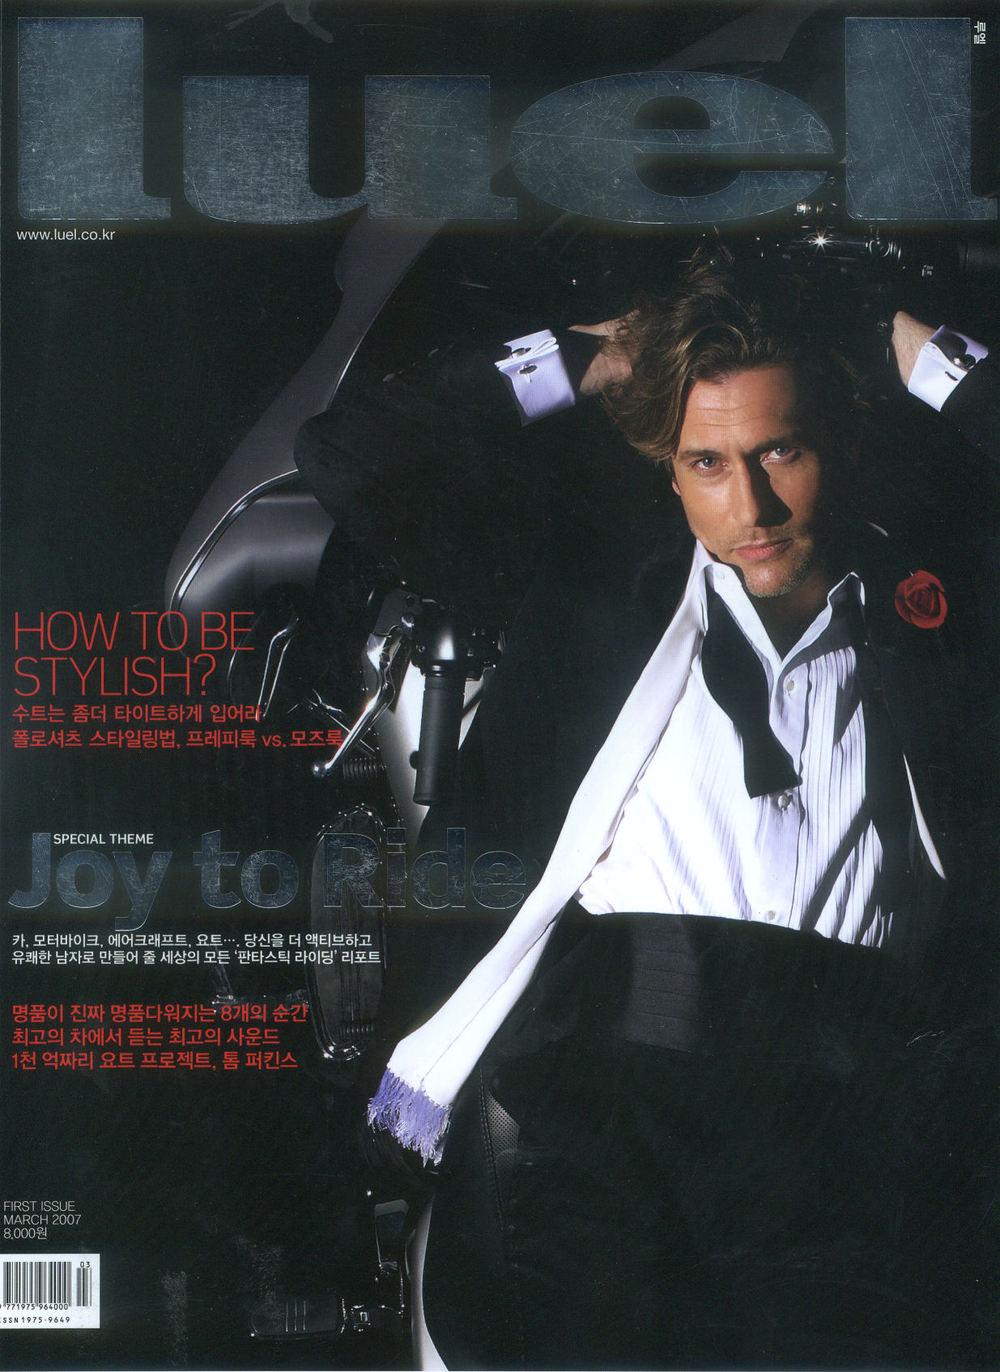 2007-3-Luel cover.jpg